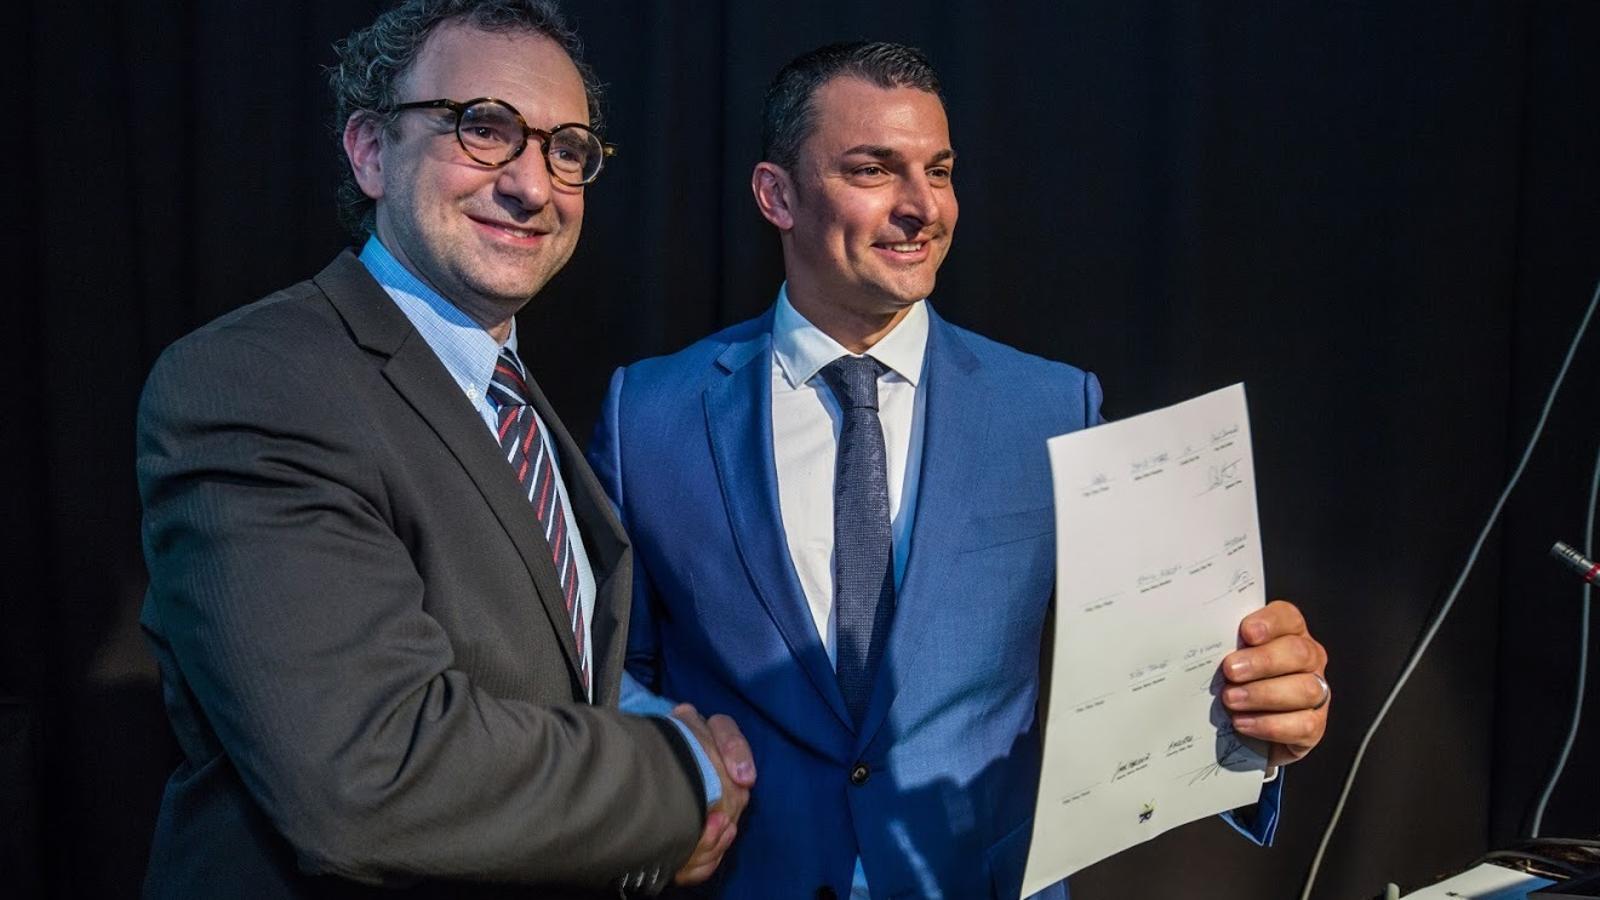 El president de la Liberal Internacional, Juli Minoves i el preident d'Ld'A, Jordi Gallardo. / LIBERALS D'ANDORRA